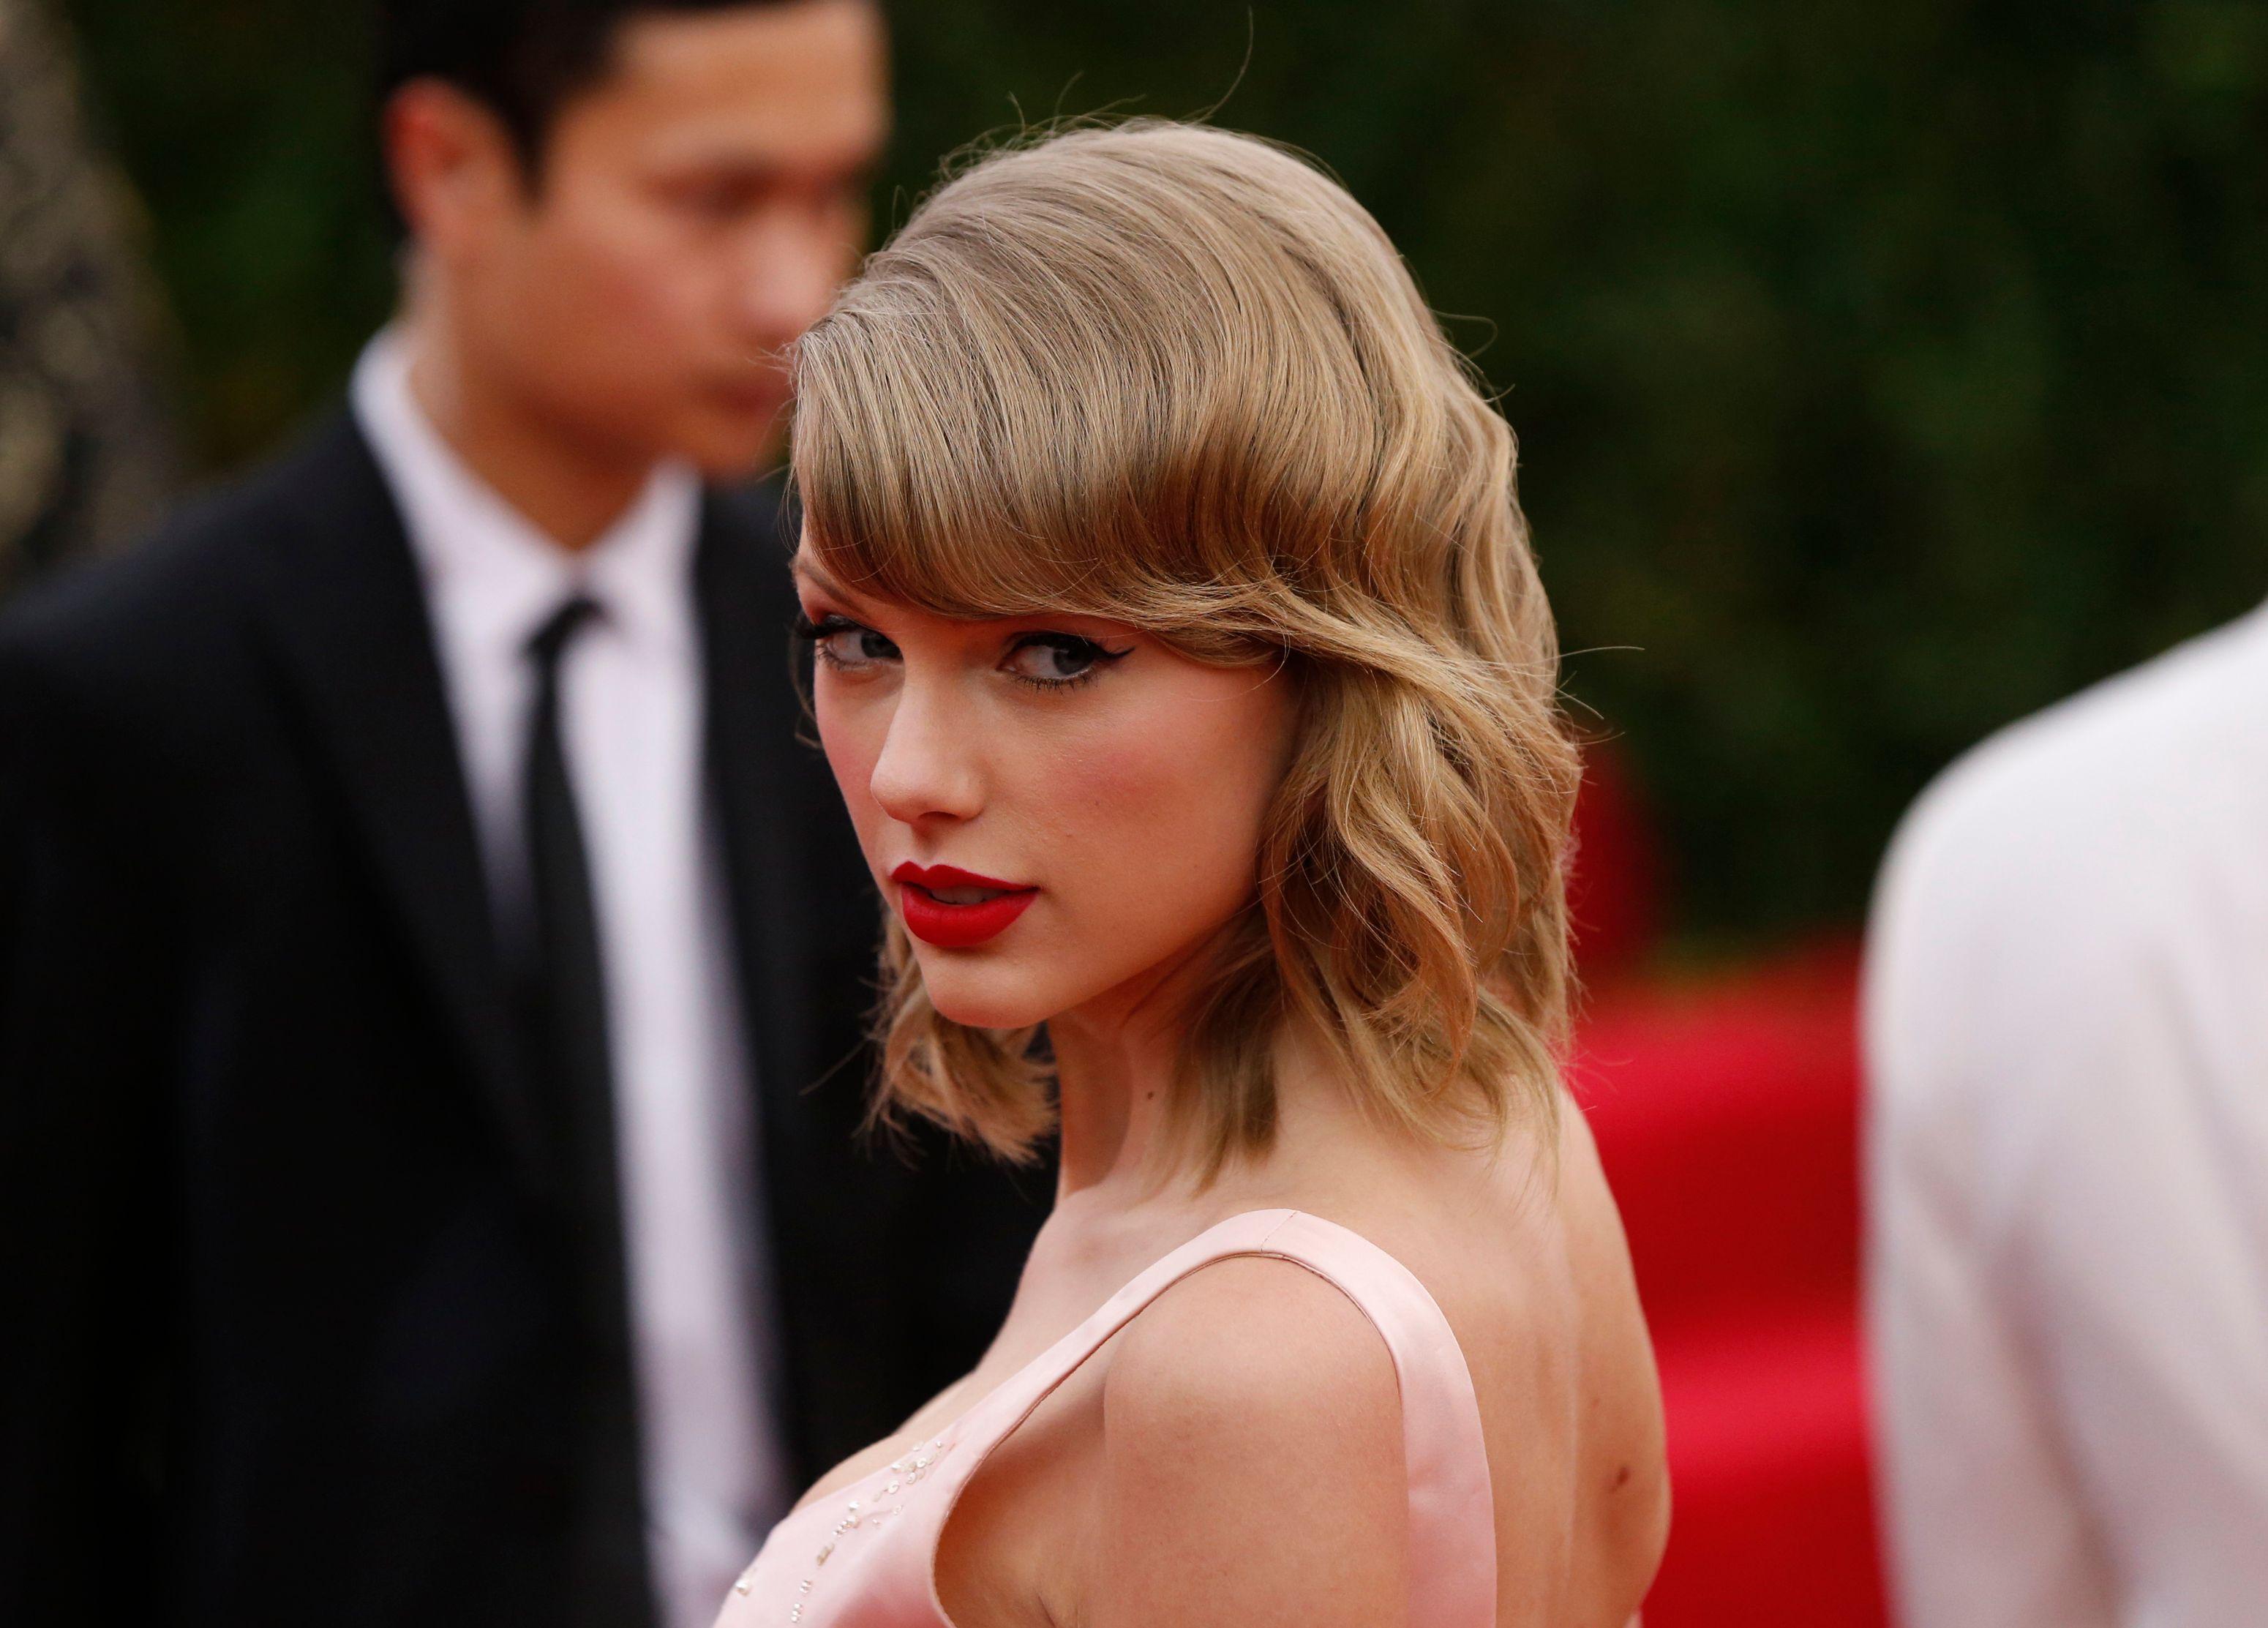 Avec 170 millions de dollars de revenus, Taylor Swift est la personnalité la mieux payée de l'année 2016